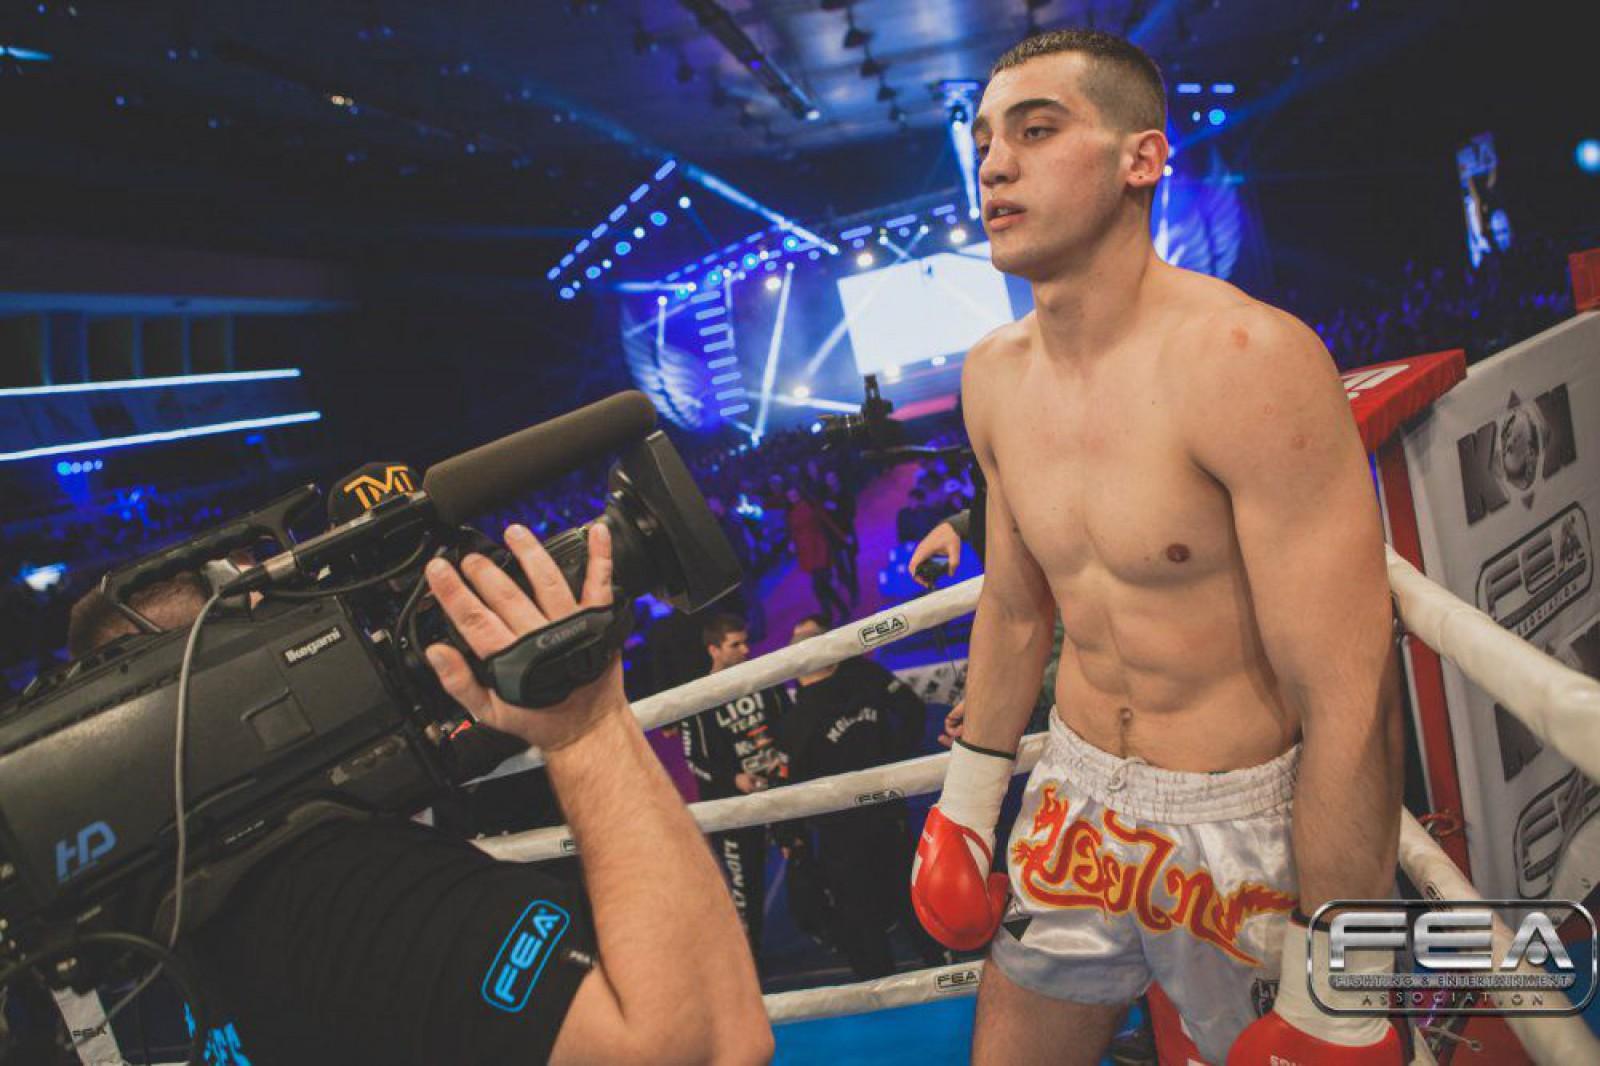 Curtea de Apel a decis: Aureliu Ignat, luptătorul K1, implicat în crima din fața unui club de noapte, rămâne în arest preventiv